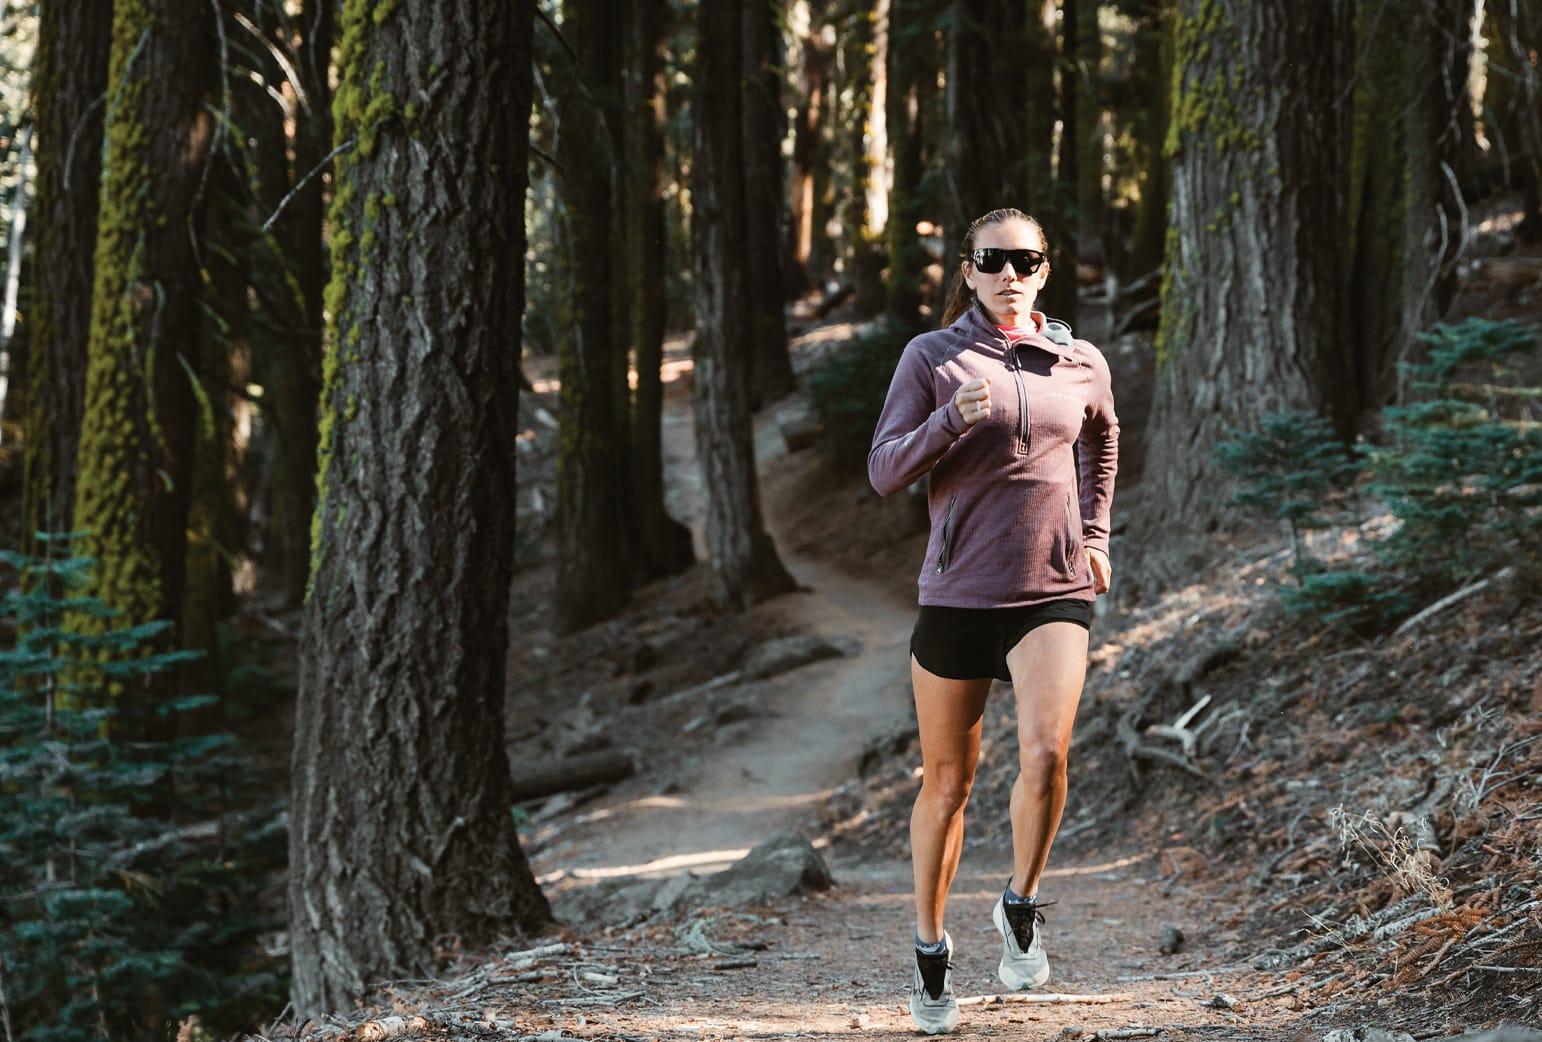 Run a local hiking trail.